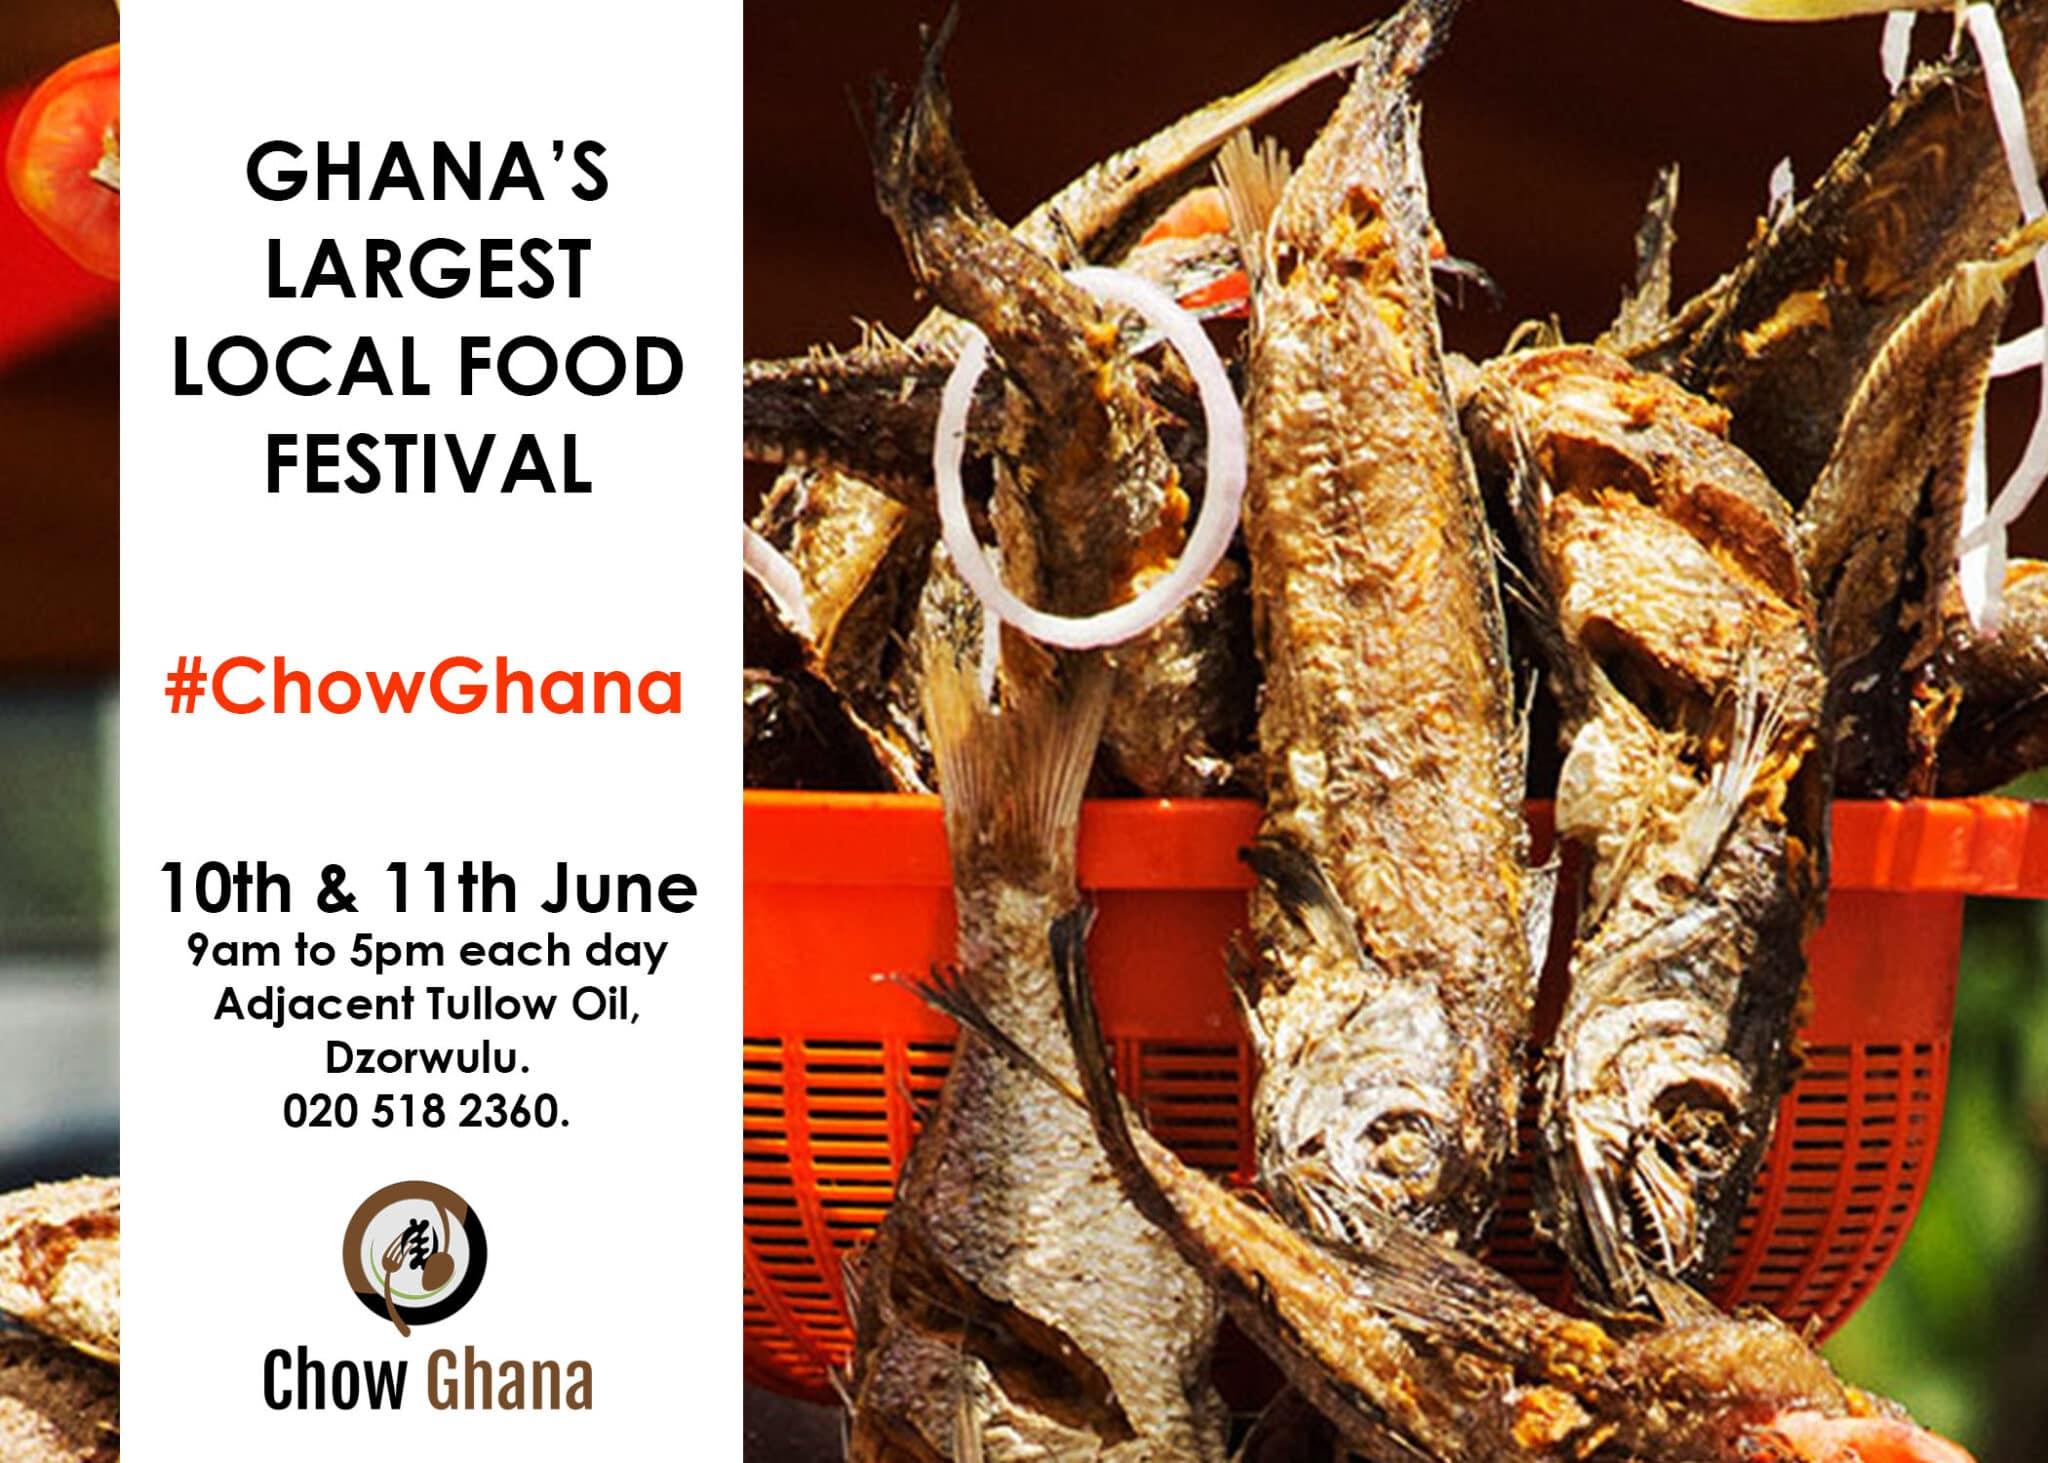 Chow Ghana: Ghana's First Local Food Festival Slated For June 10